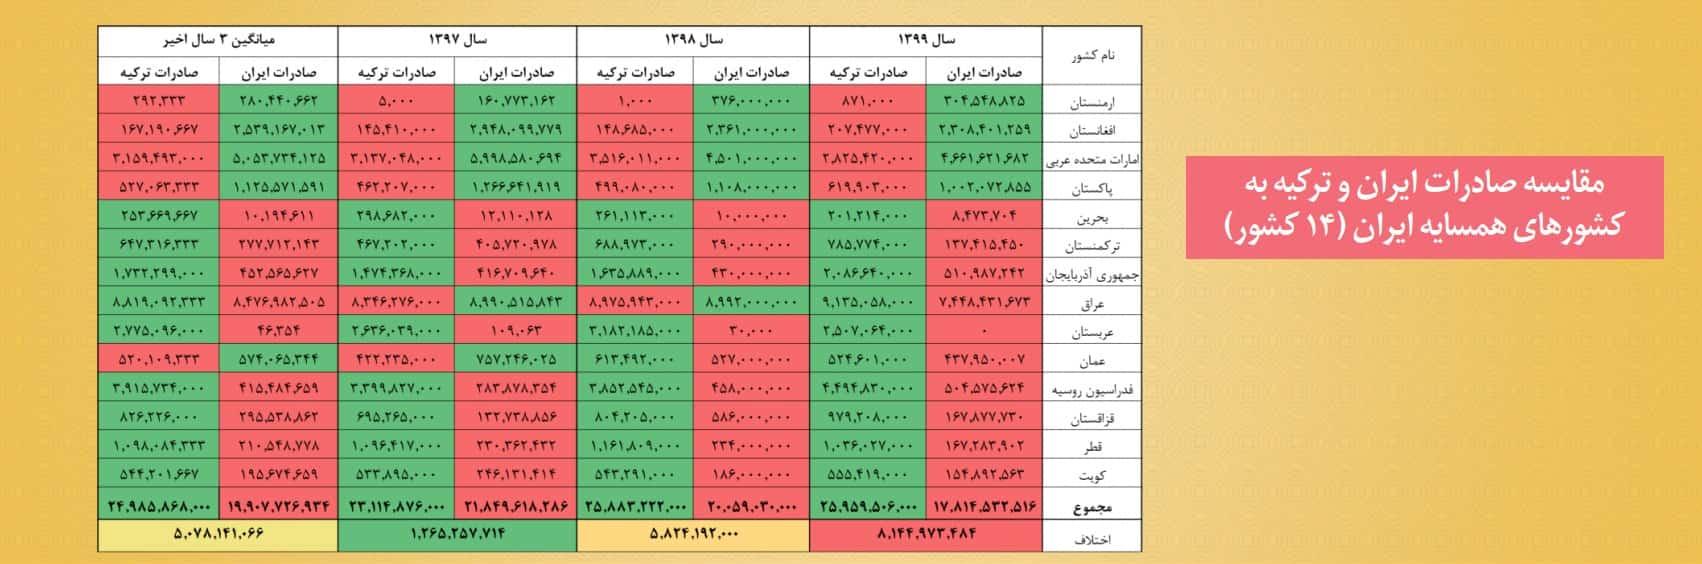 صادرات ترکیه به کشورهای همسایه ایران